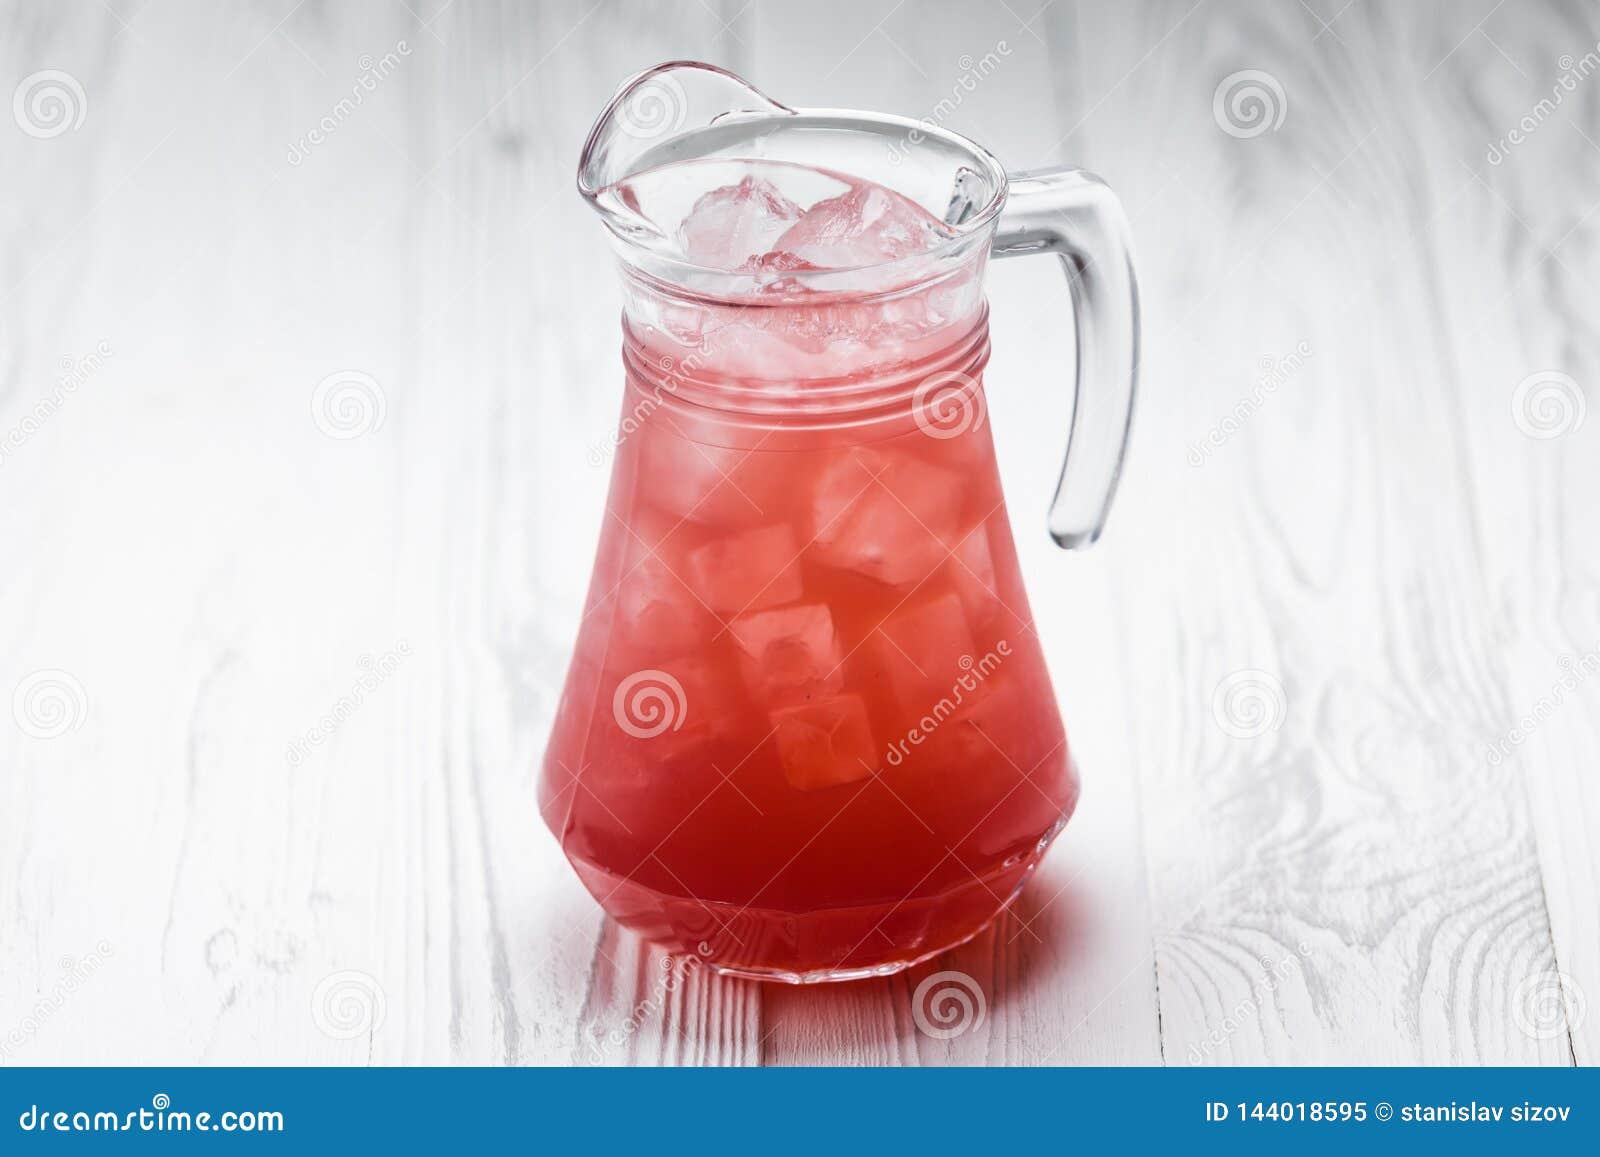 Red fresh homemade lemonade drink in a jar